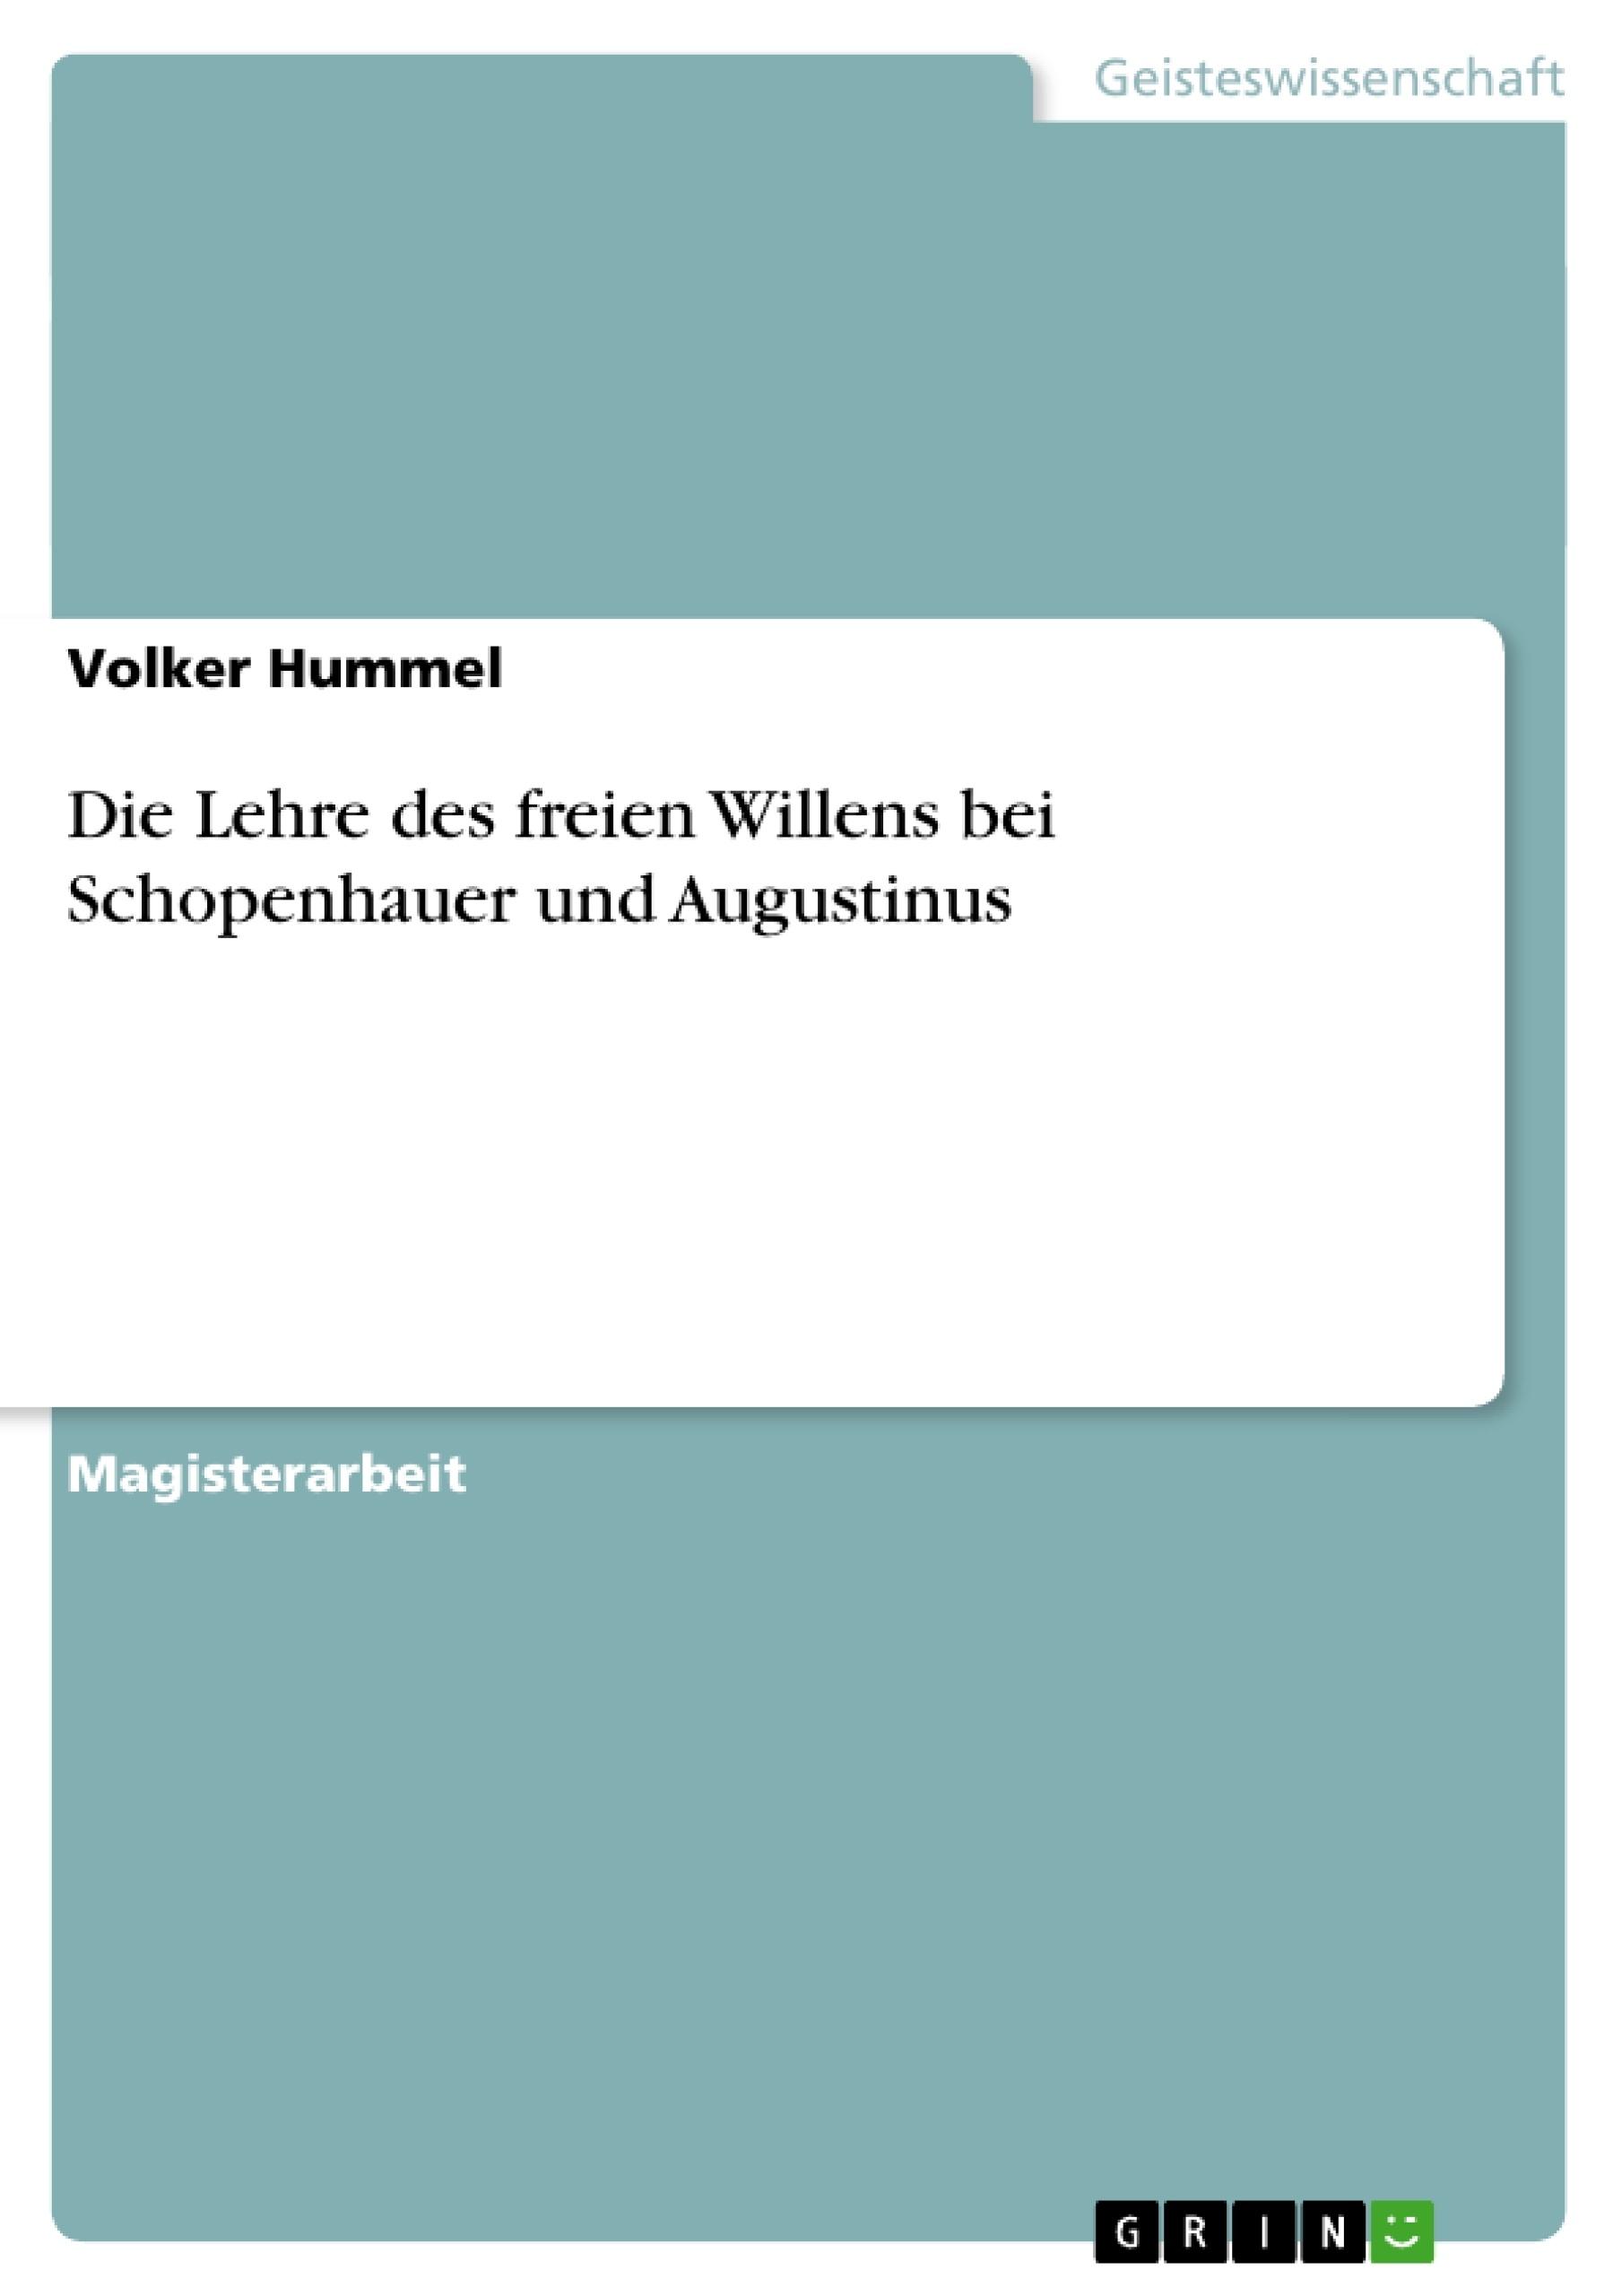 Titel: Die Lehre des freien Willens bei Schopenhauer und Augustinus